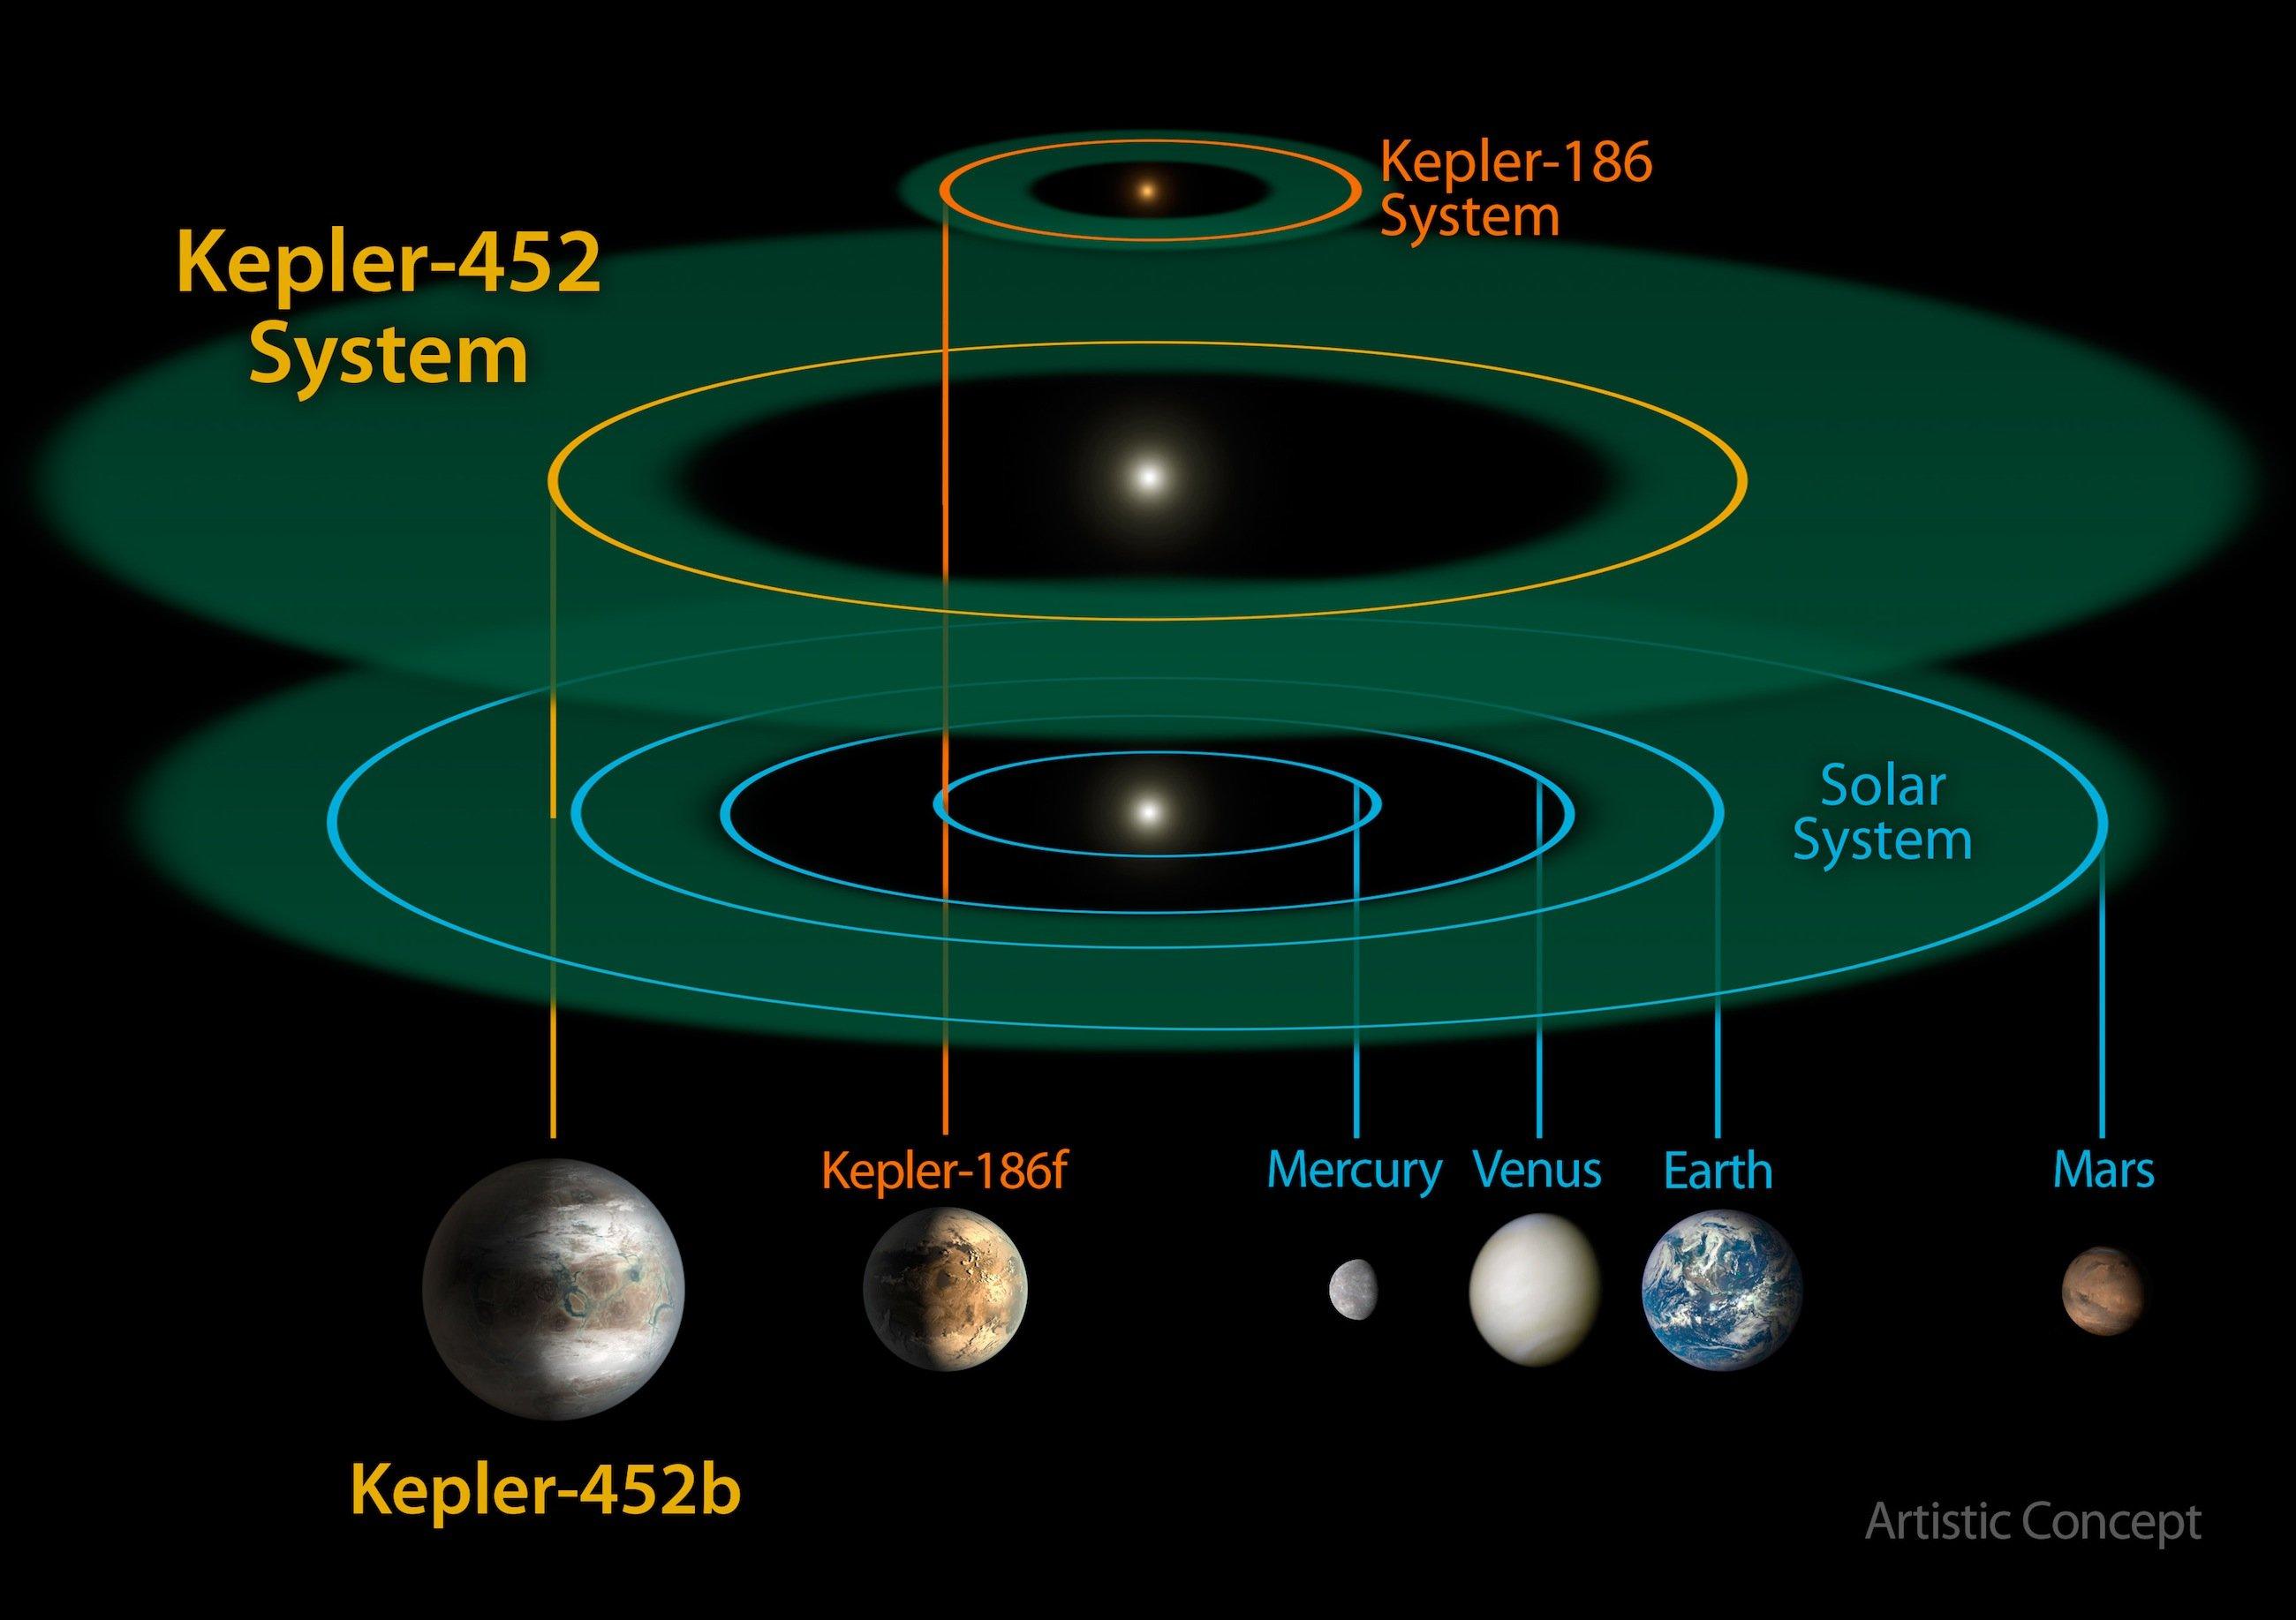 Seit dem Start des Weltraum-Teleskops Kepler im Jahr 2009 hat die Nasa zwölf Planeten in bewohnbaren Zonen entdeckt.